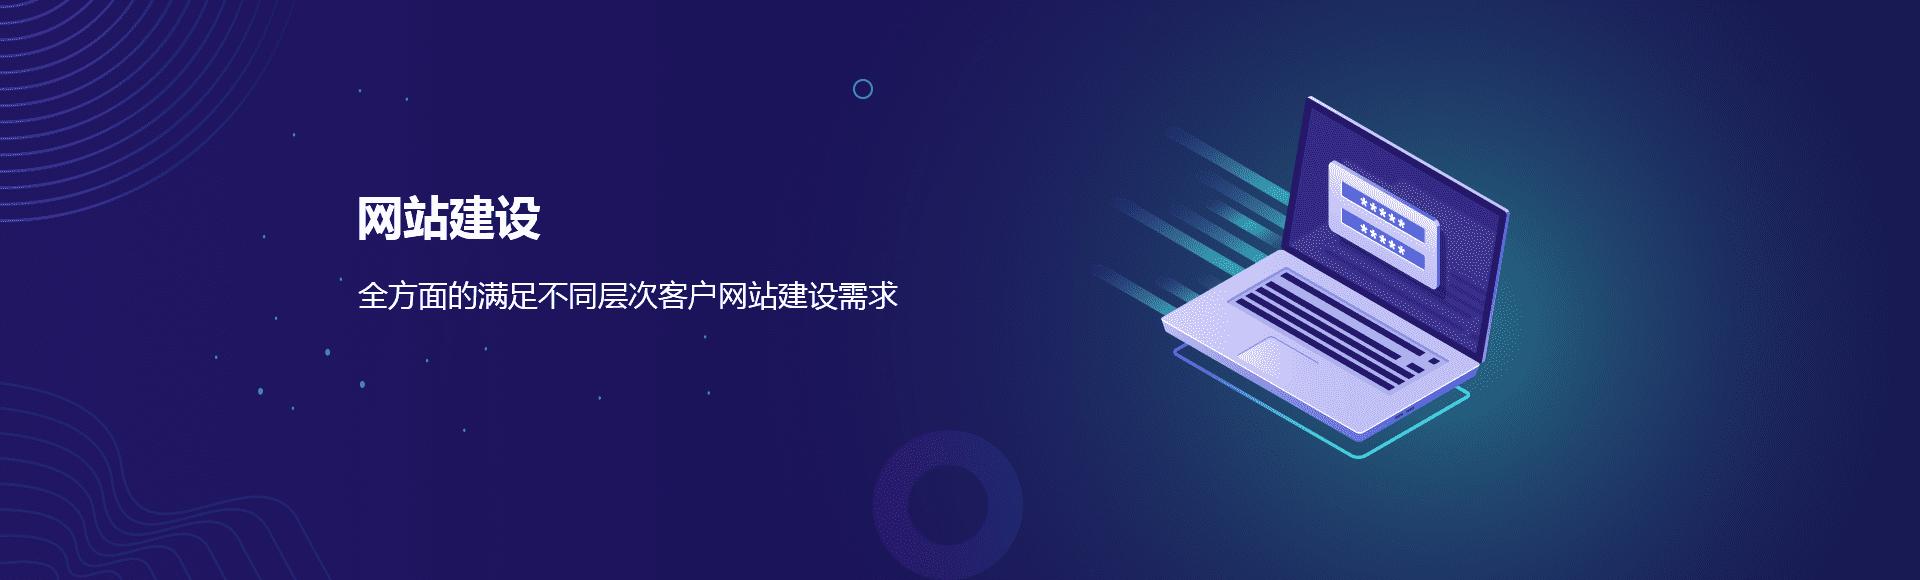 网站建设_广东圆心企业服务平台